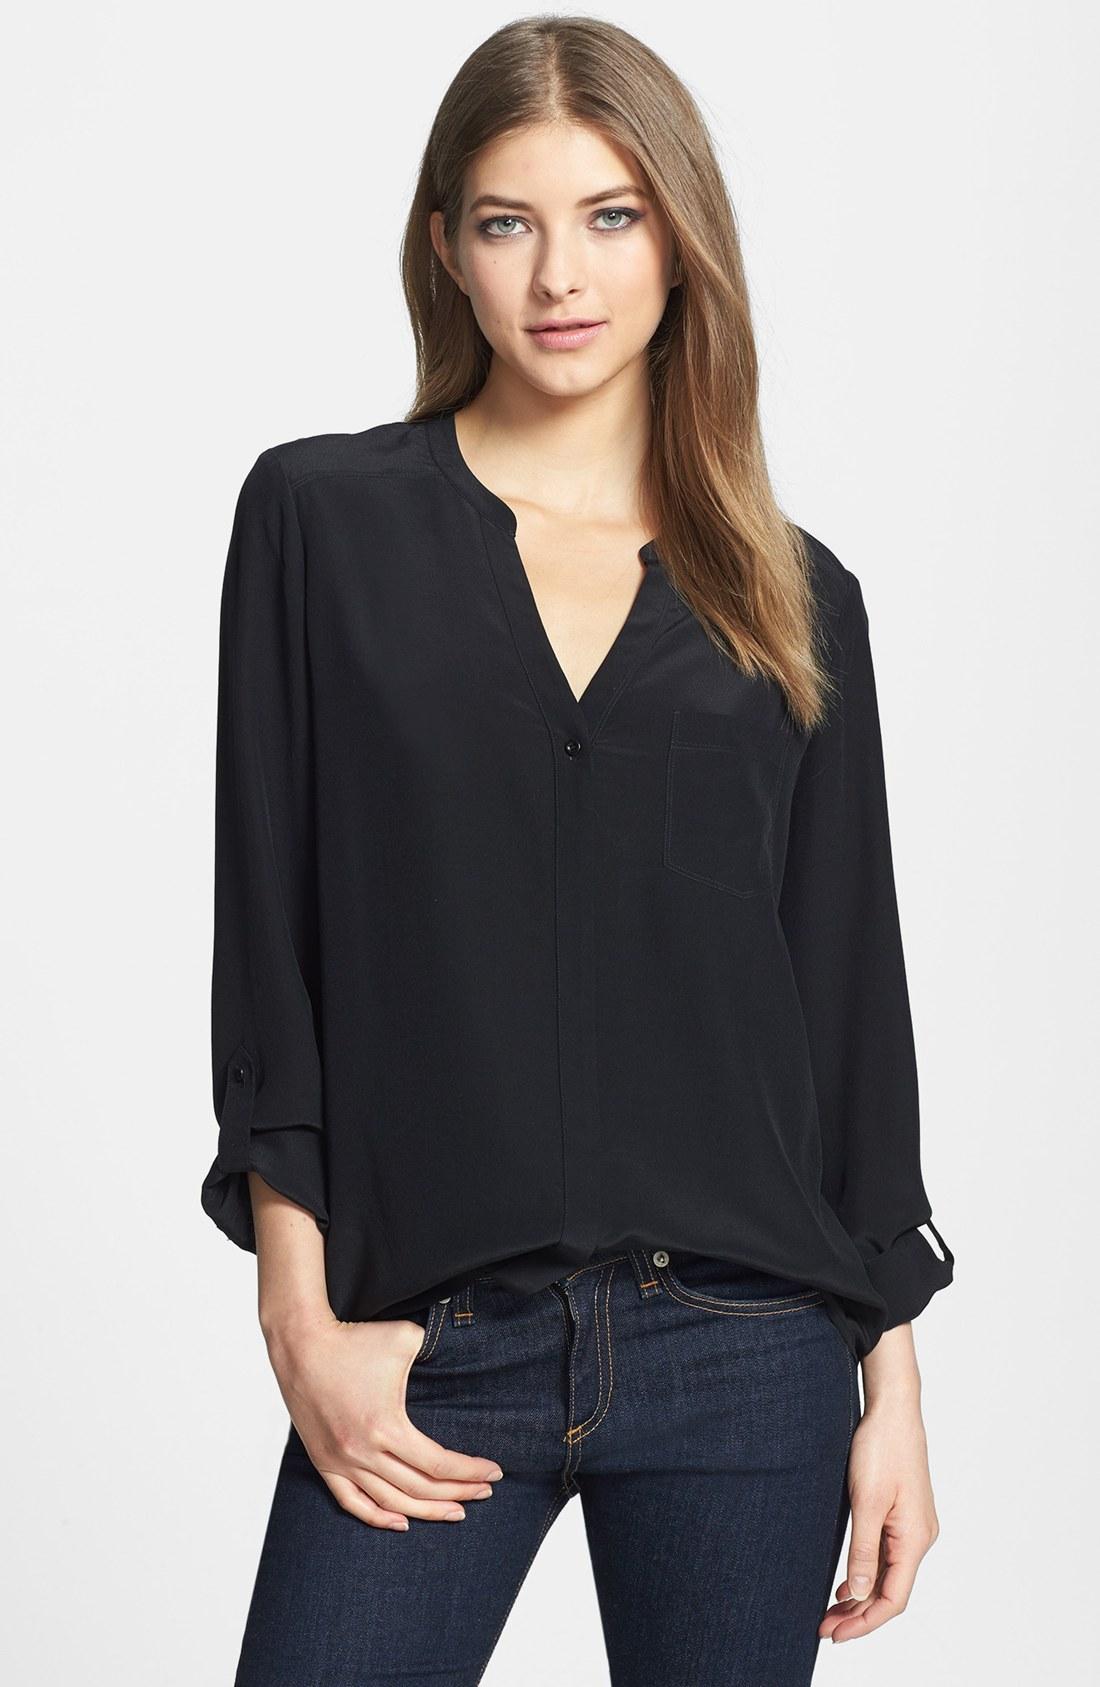 Черная Блузка Фото